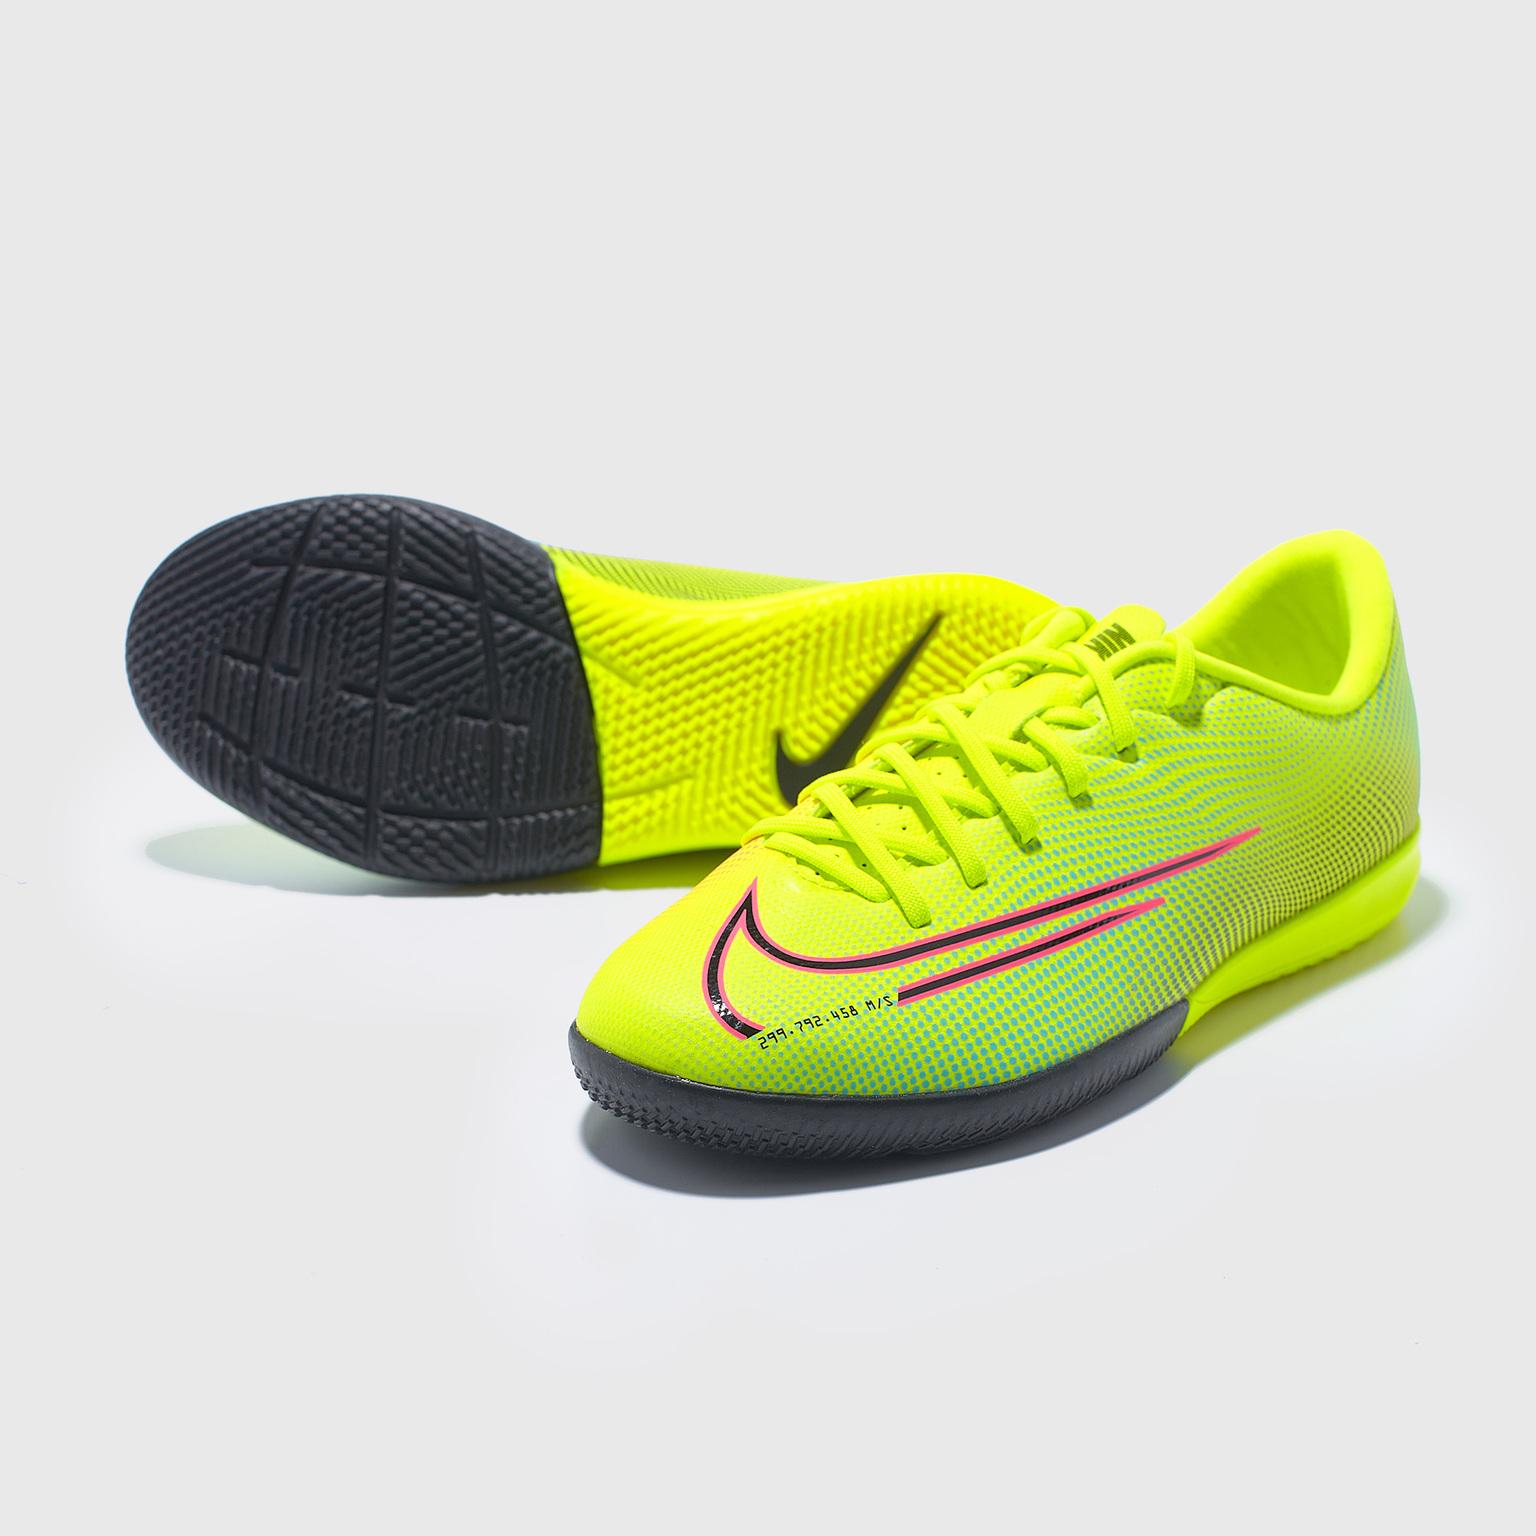 Футзалки детские Nike Vapor 13 Academy MDS IC CJ1175-703 футзалки nike superflyx 6 academy ic ah7369 701